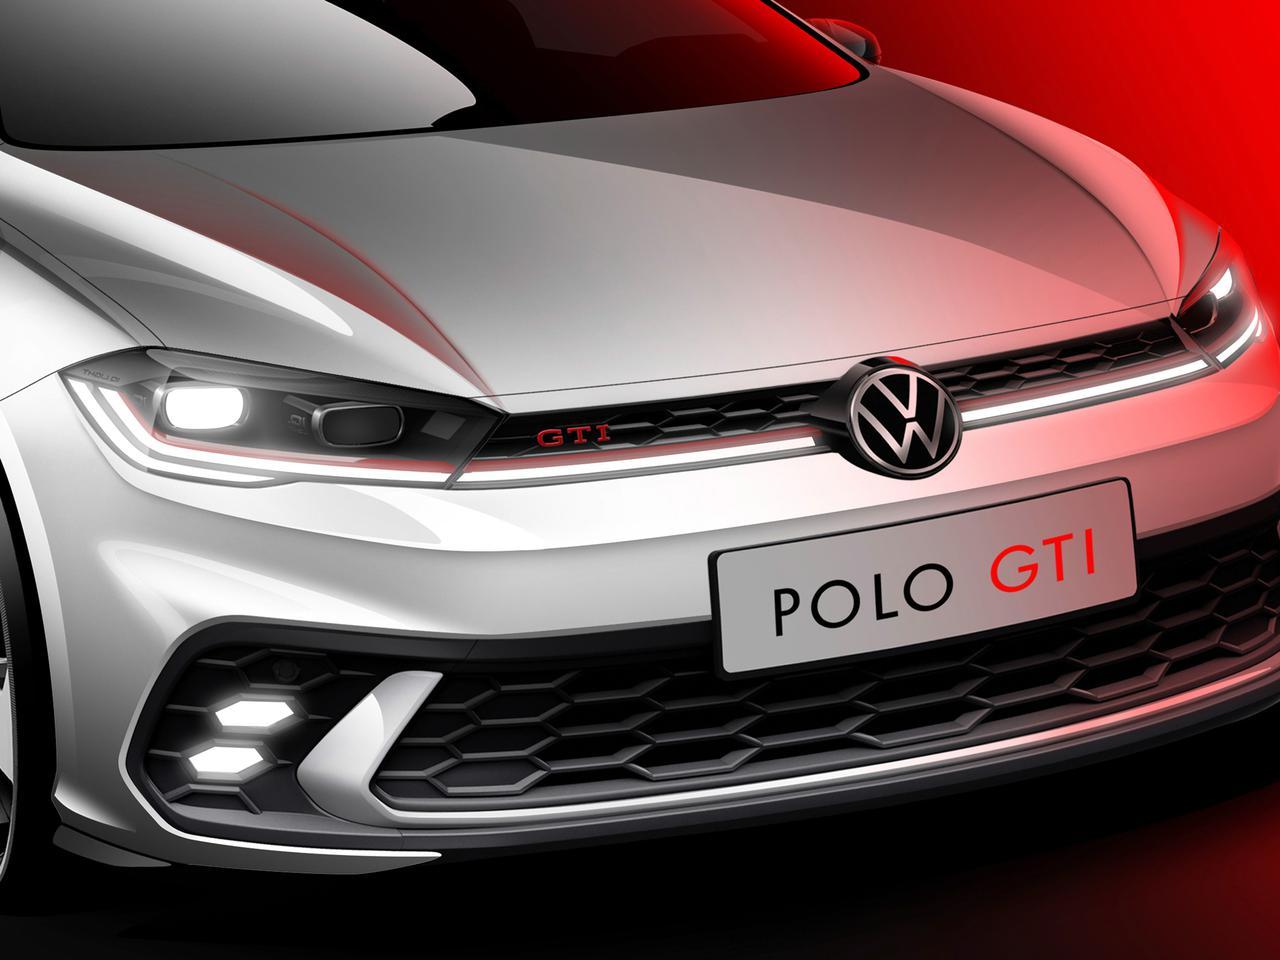 フォルクスワーゲンの新型ポロ GTI、日本導入はいつ? 精悍な顔つきになって6月下旬に世界初公開